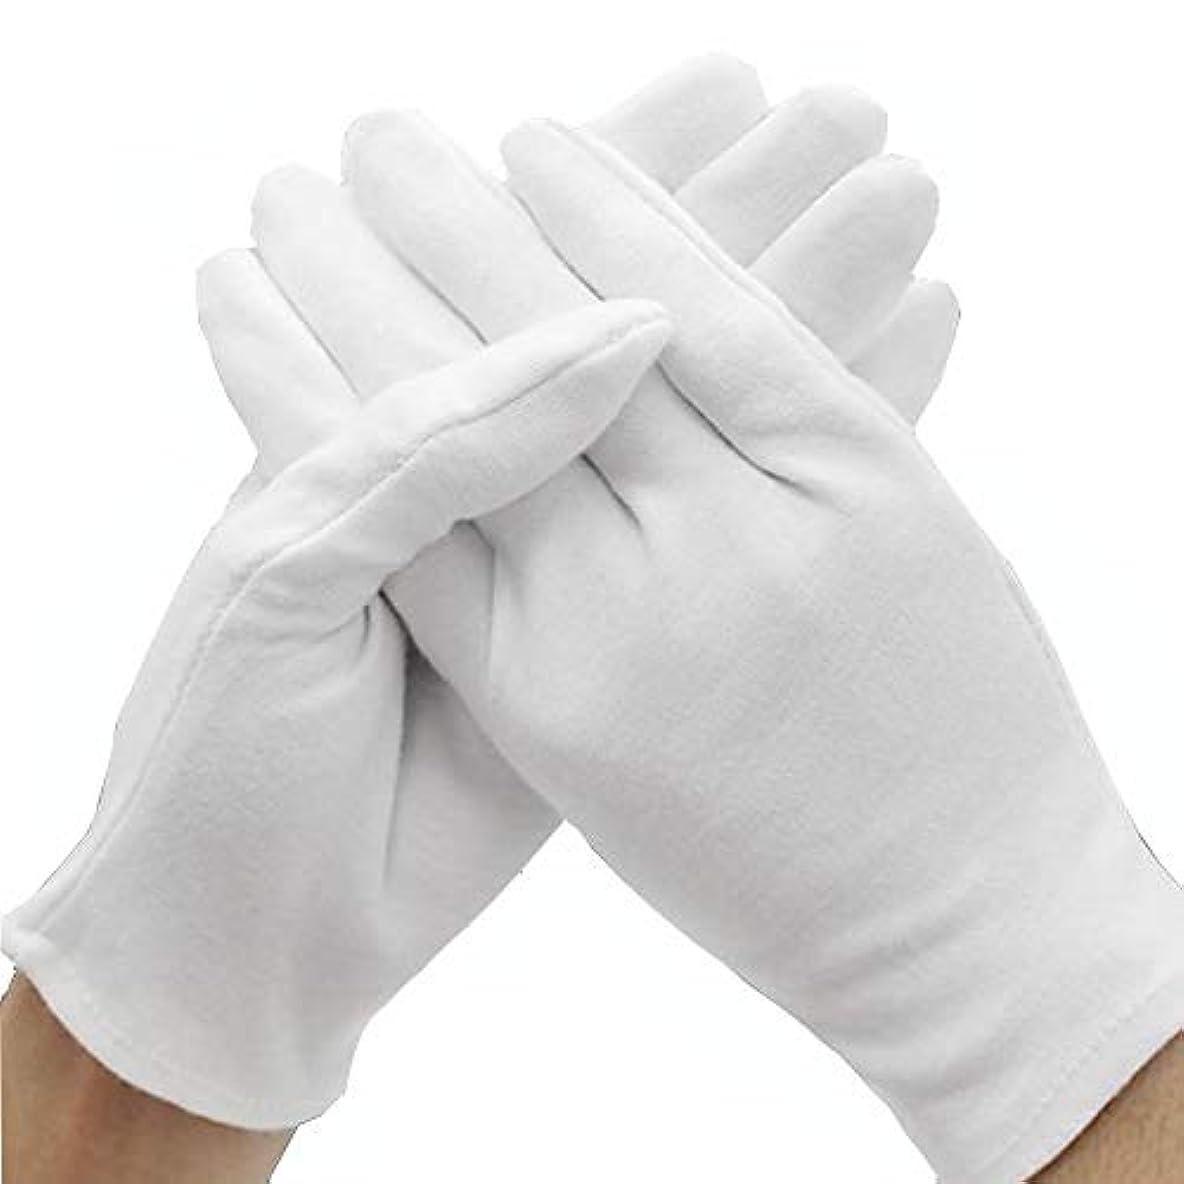 エンターテインメントの量ブレイズLezej インナーコットン手袋 白い手袋 綿手袋 衛生手袋 コットン手袋 ガーデニング用手袋 作業手袋 健康的な手袋 環境保護用手袋(12組) (M)